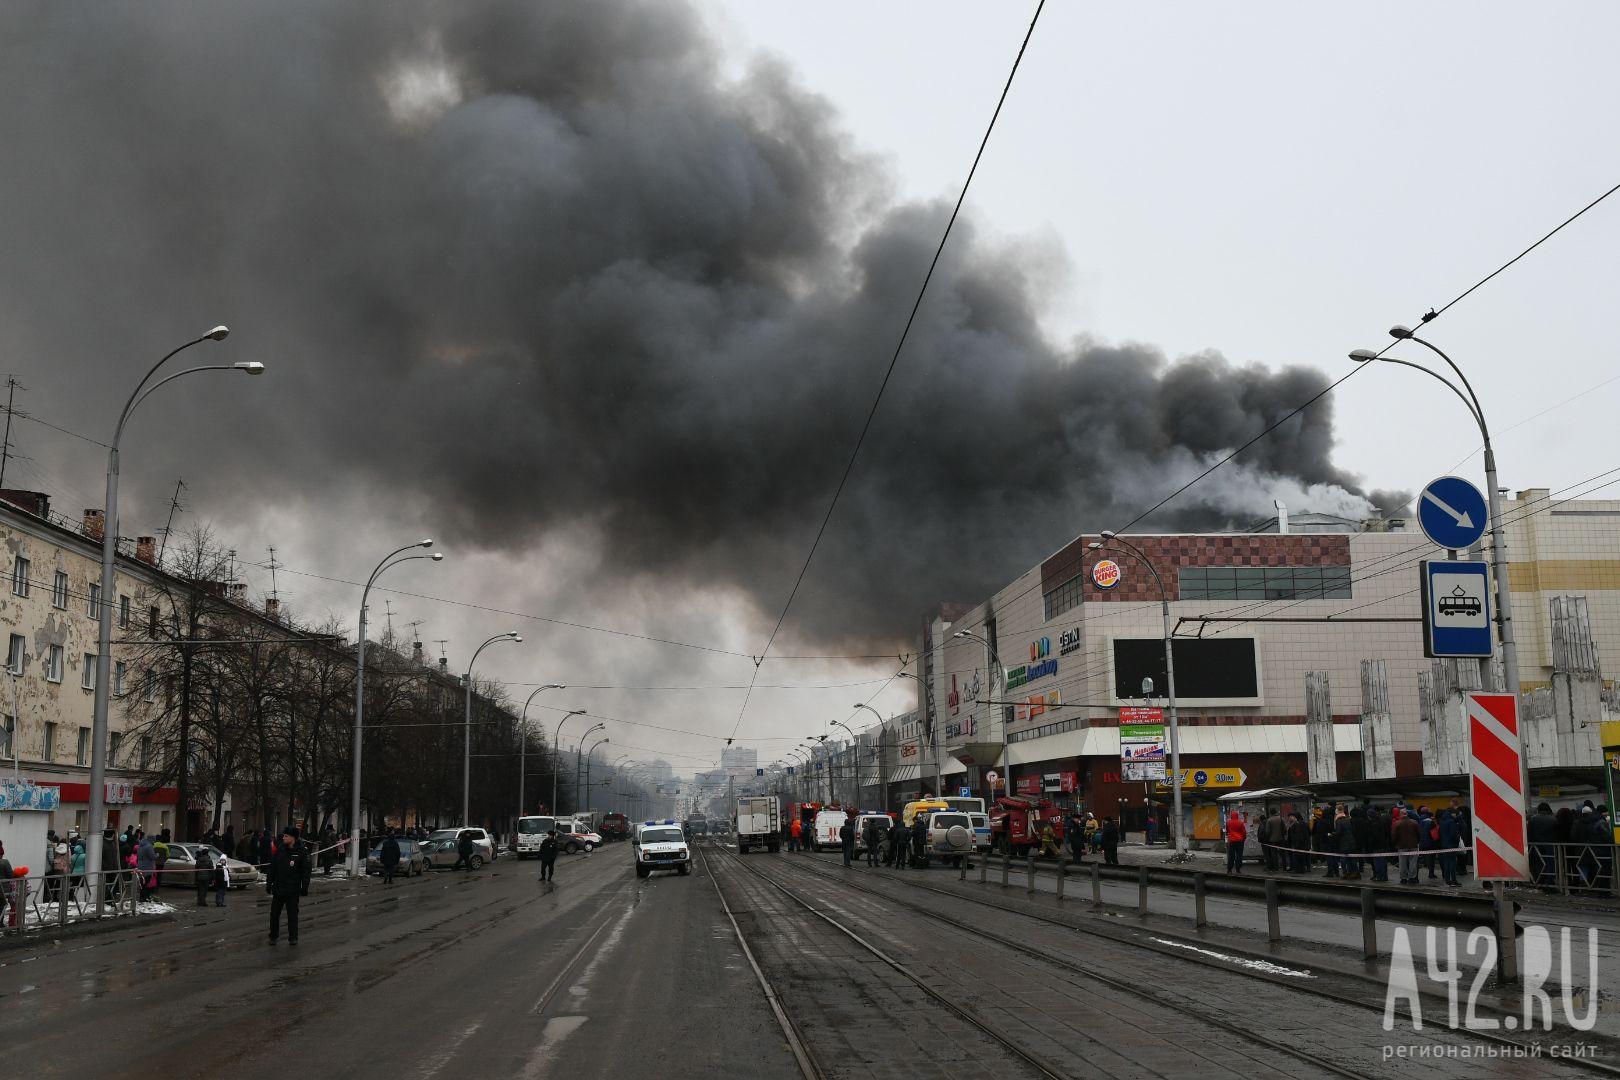 Личная компания нелегально занималась пожарной охраной вТЦ «Зимняя вишня»